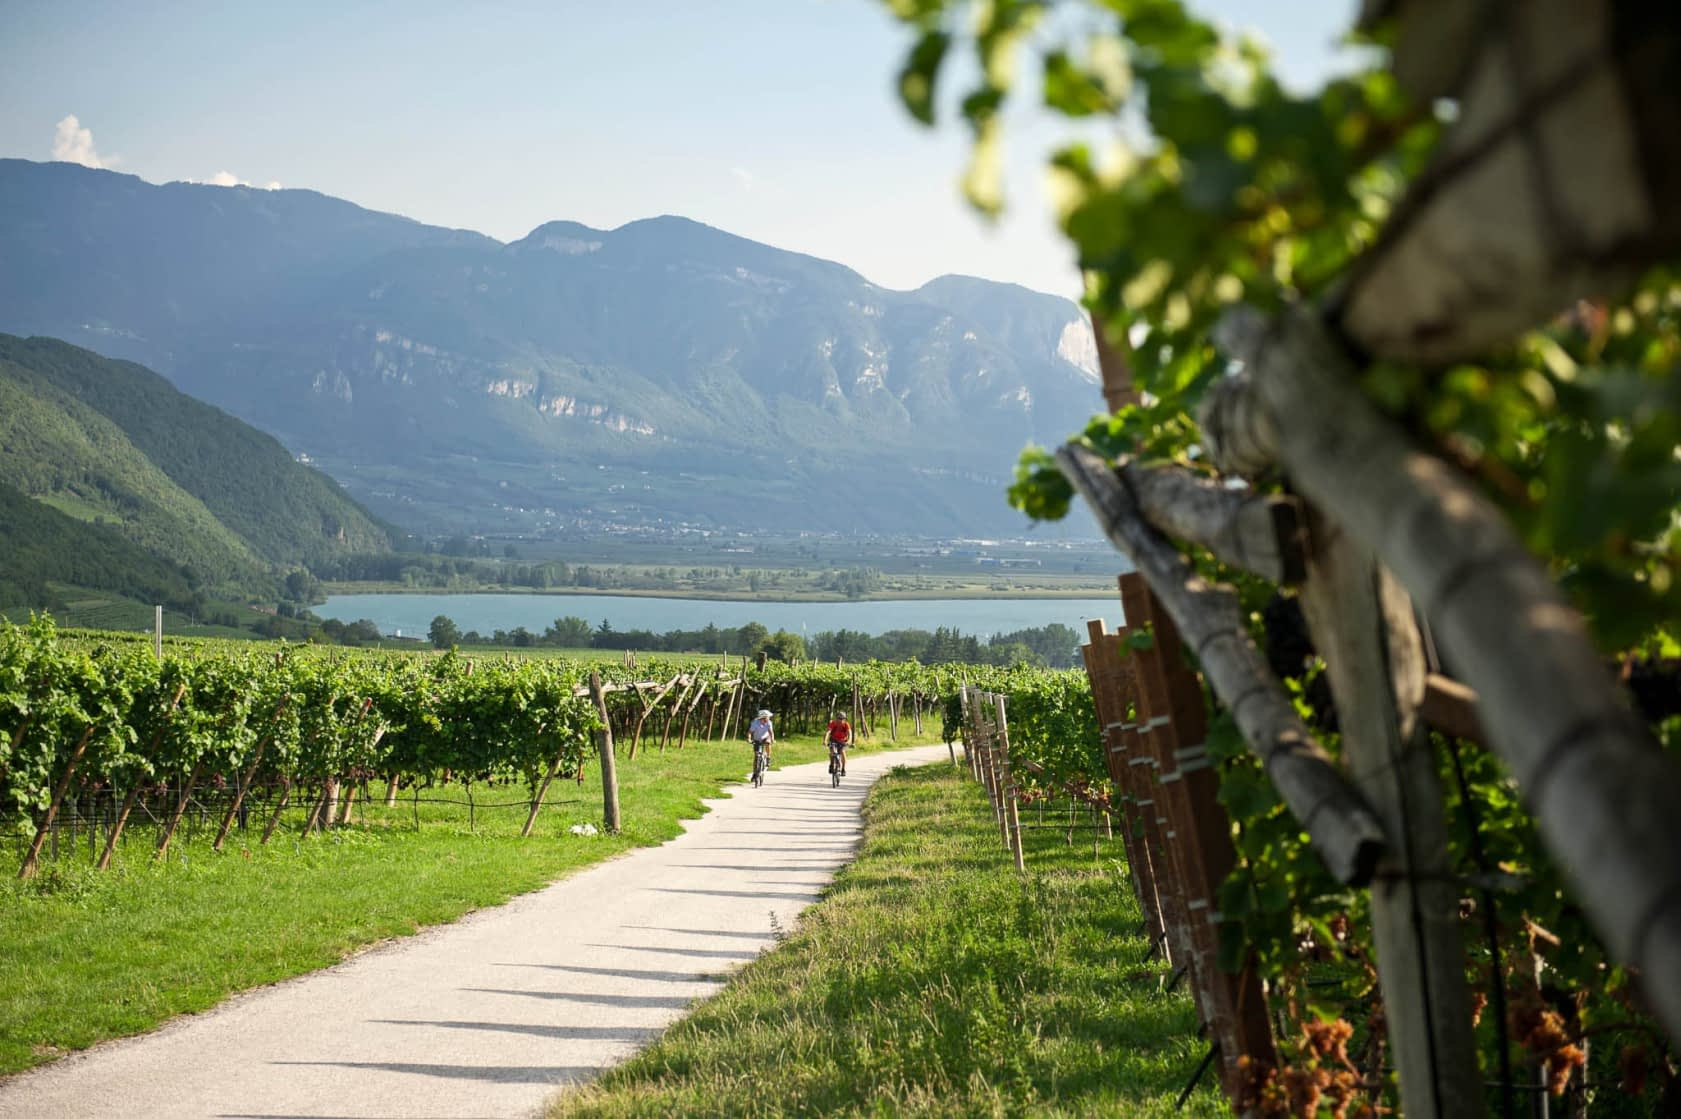 Die mediterranen Talradwege in Südtirols Süden, etwa entlang der Südtiroler Weinstraße, führen zum beliebten Weinbaugebiet rund um den Kalterer See.